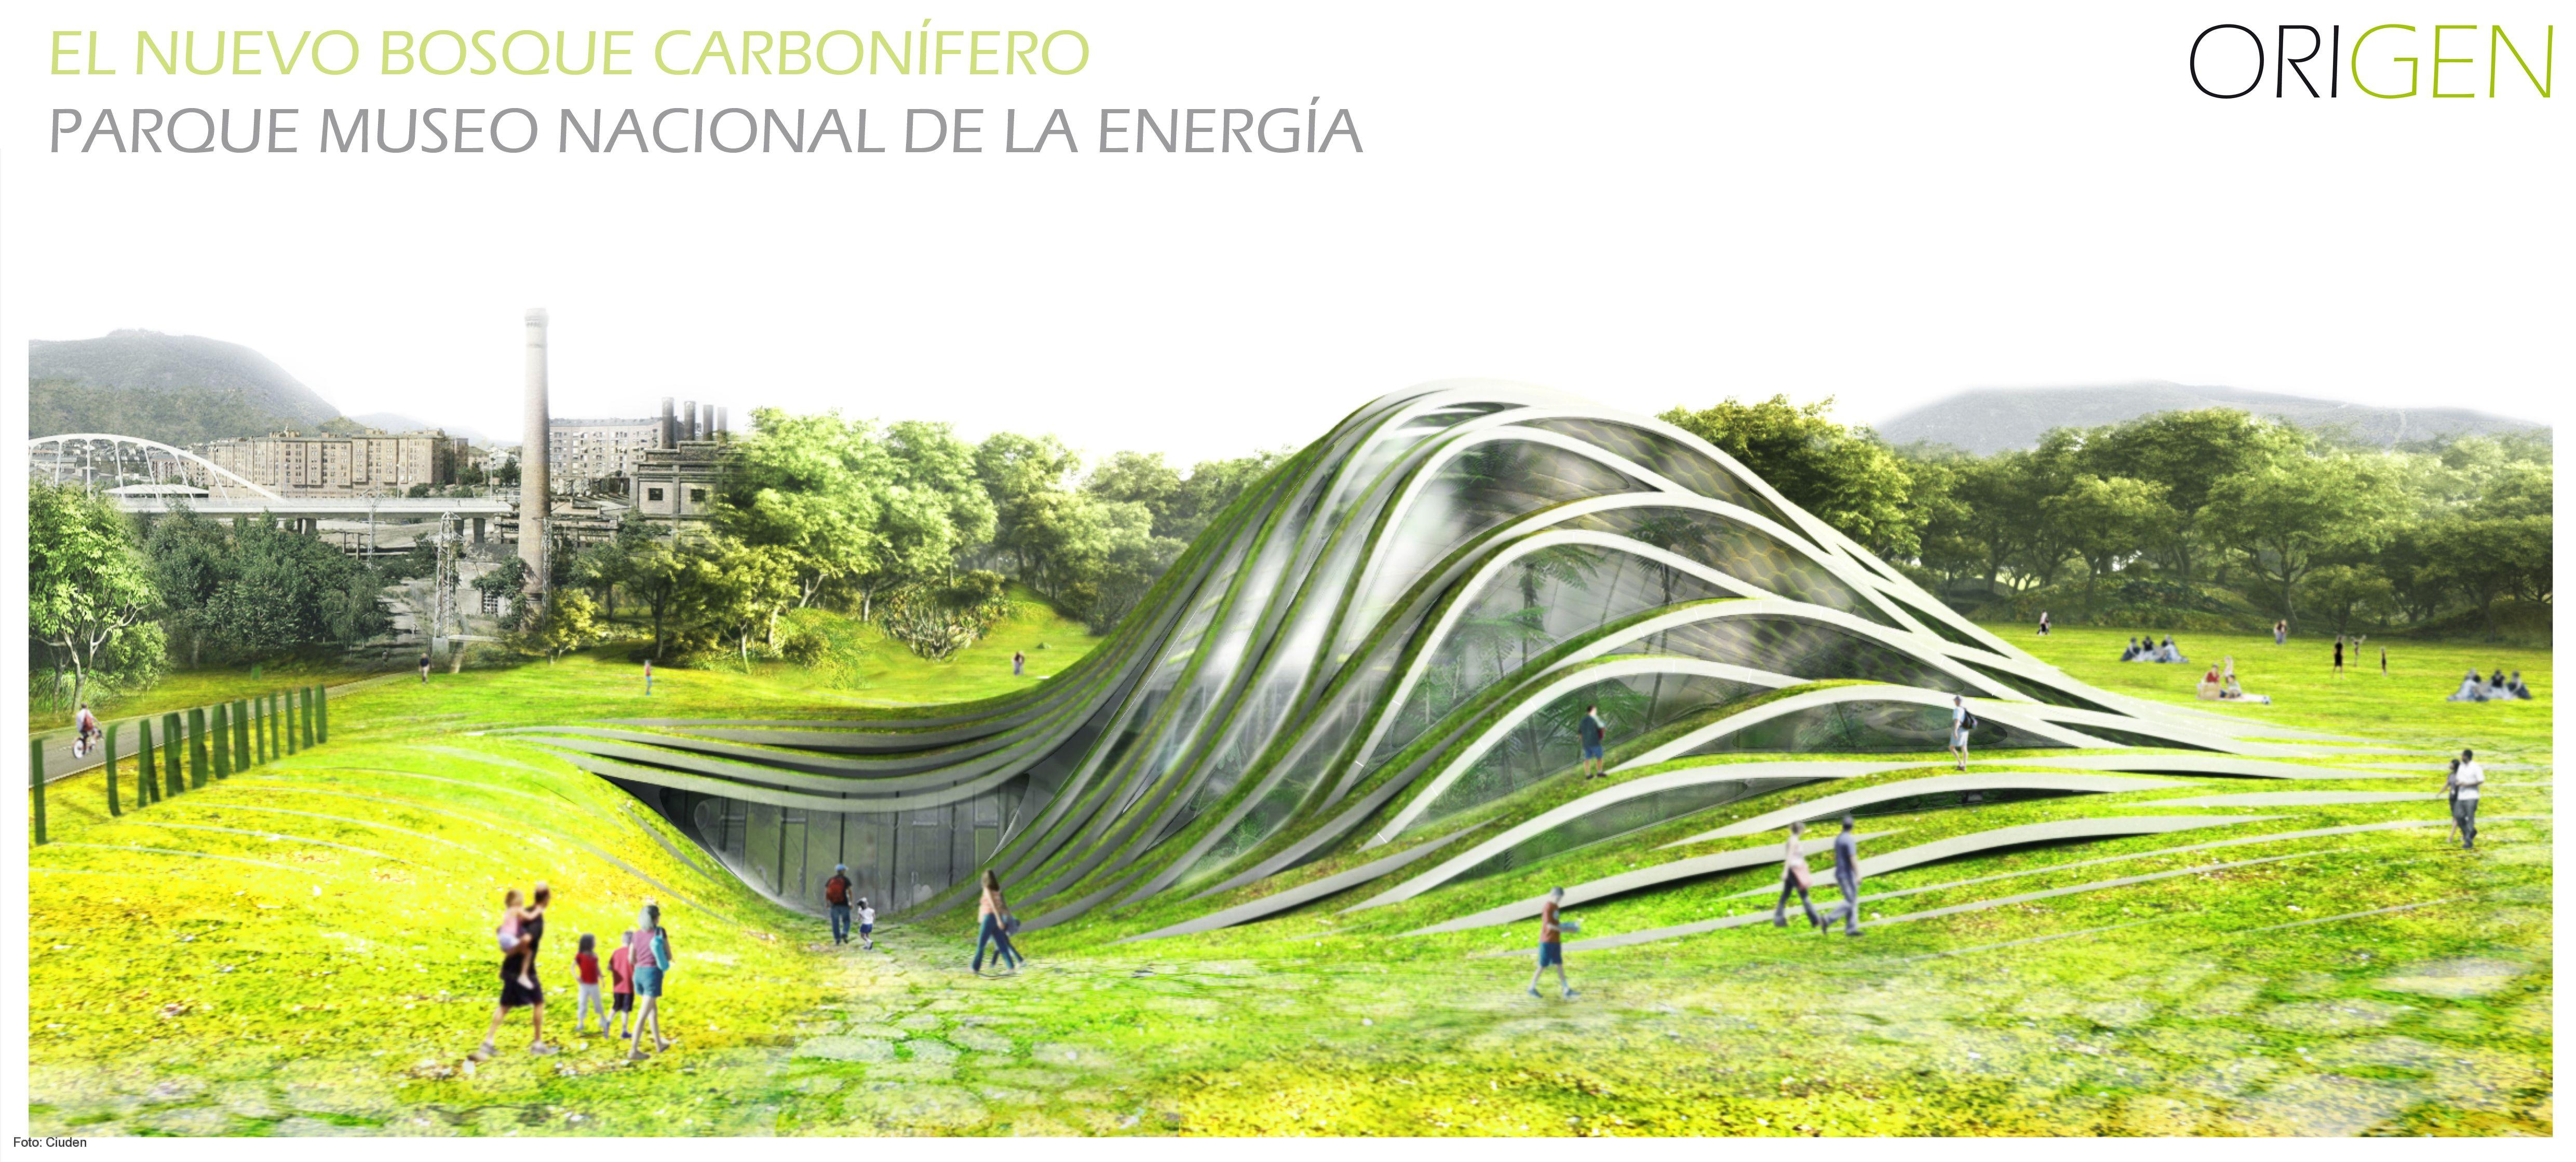 Recreación del proyecto Origen para el bosque de carbonífero del Museo Nacional de la Energía en Ponferrada.